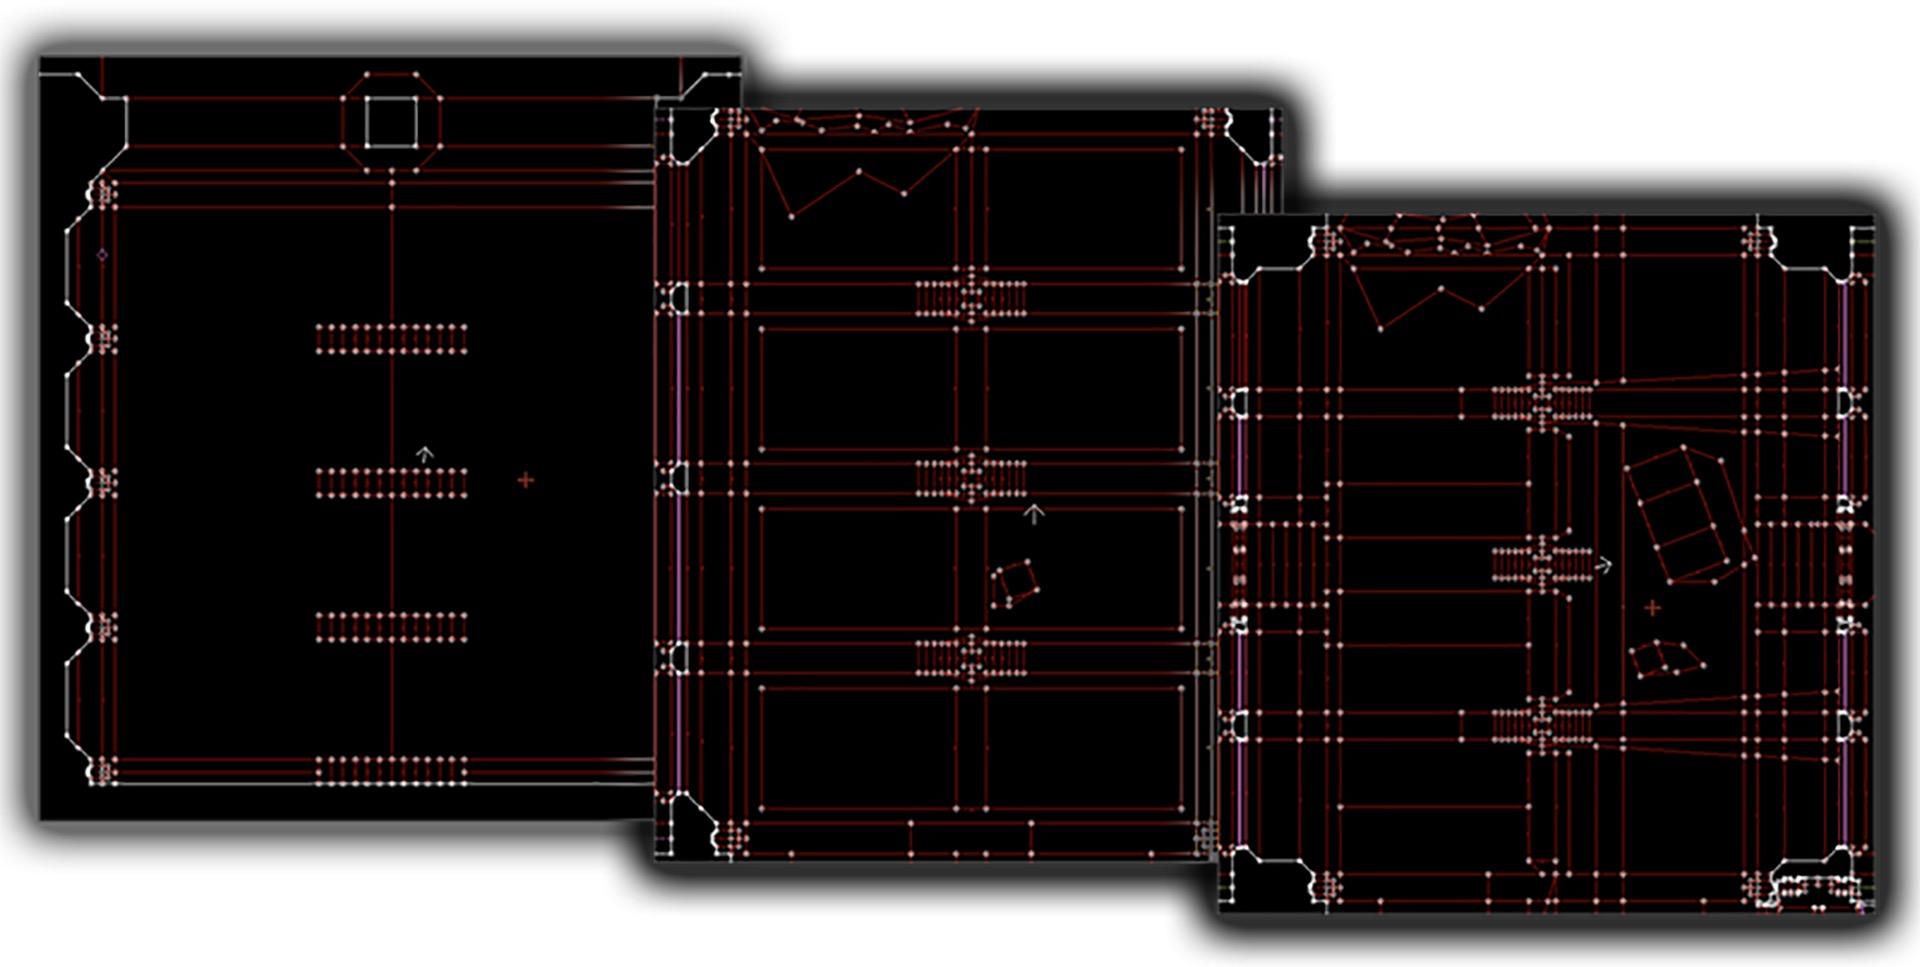 49888037073 f1bb0bdce5 o - Ein Blick in das Level-Design von Ion Fury, das heute erscheint